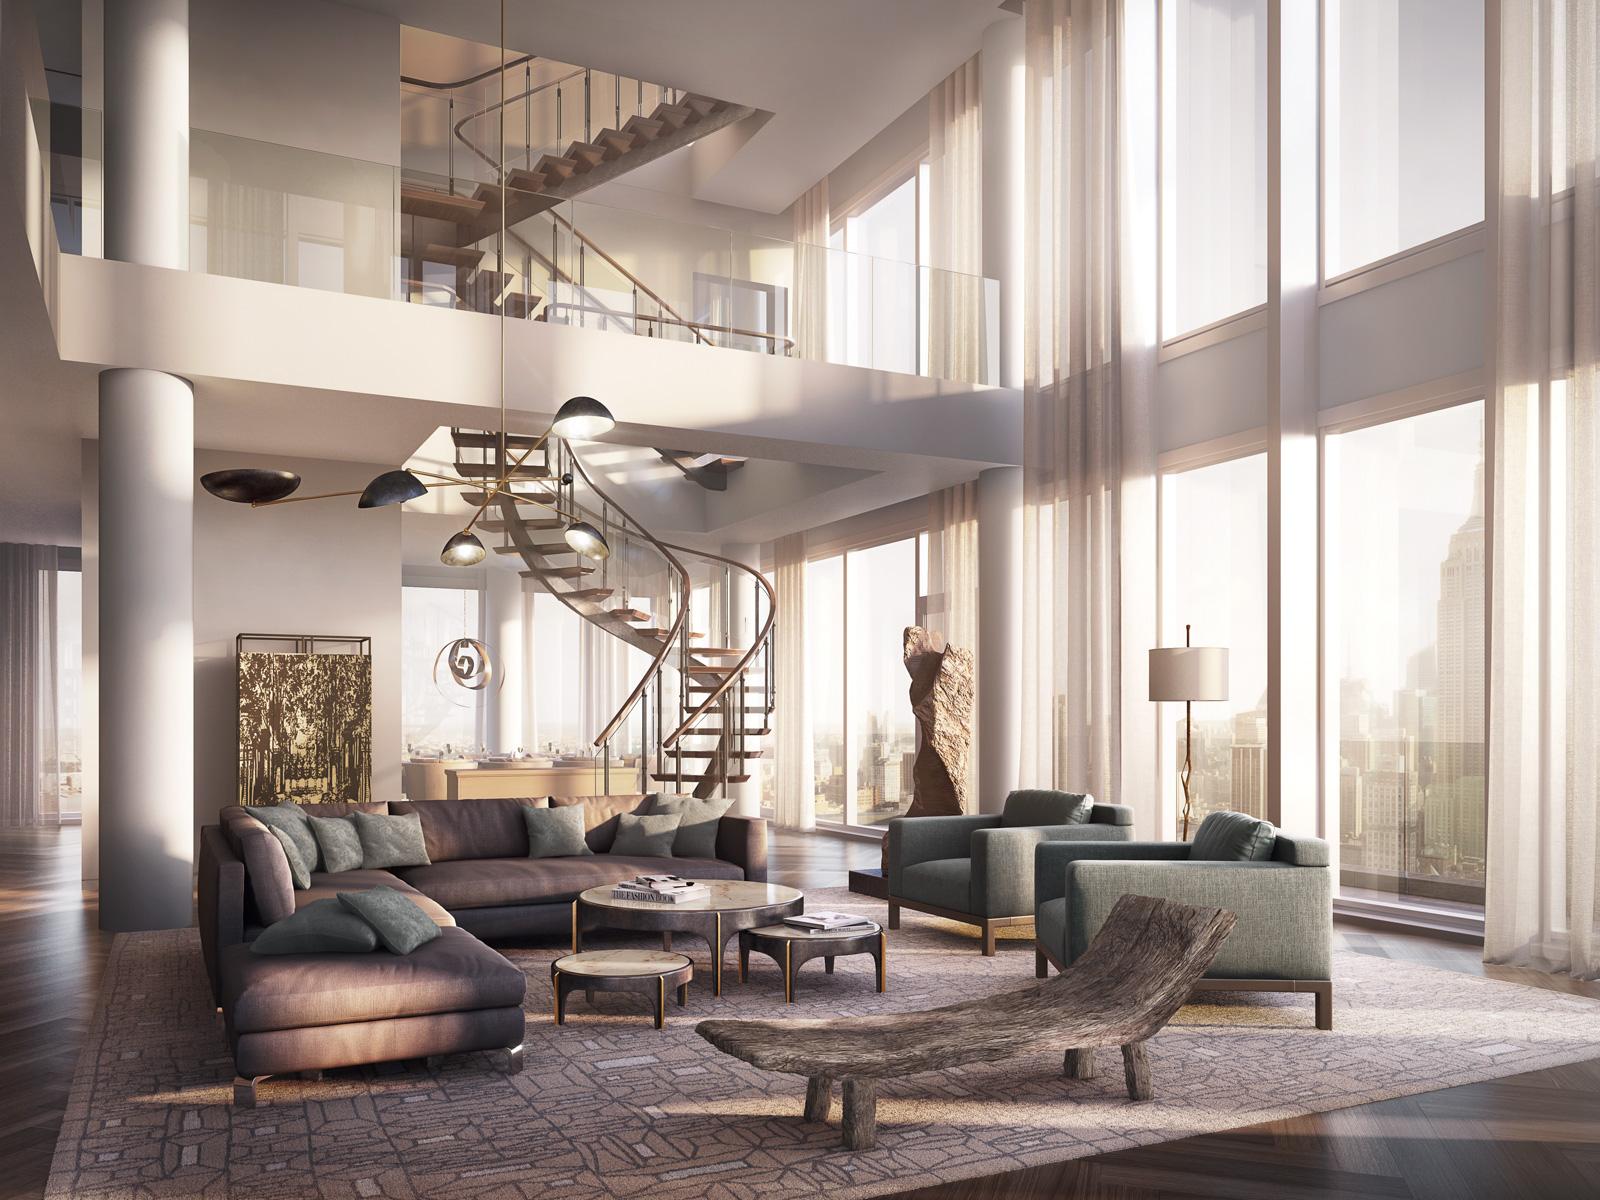 Manhattan One Madison Rupert Murdoch penthouse 2